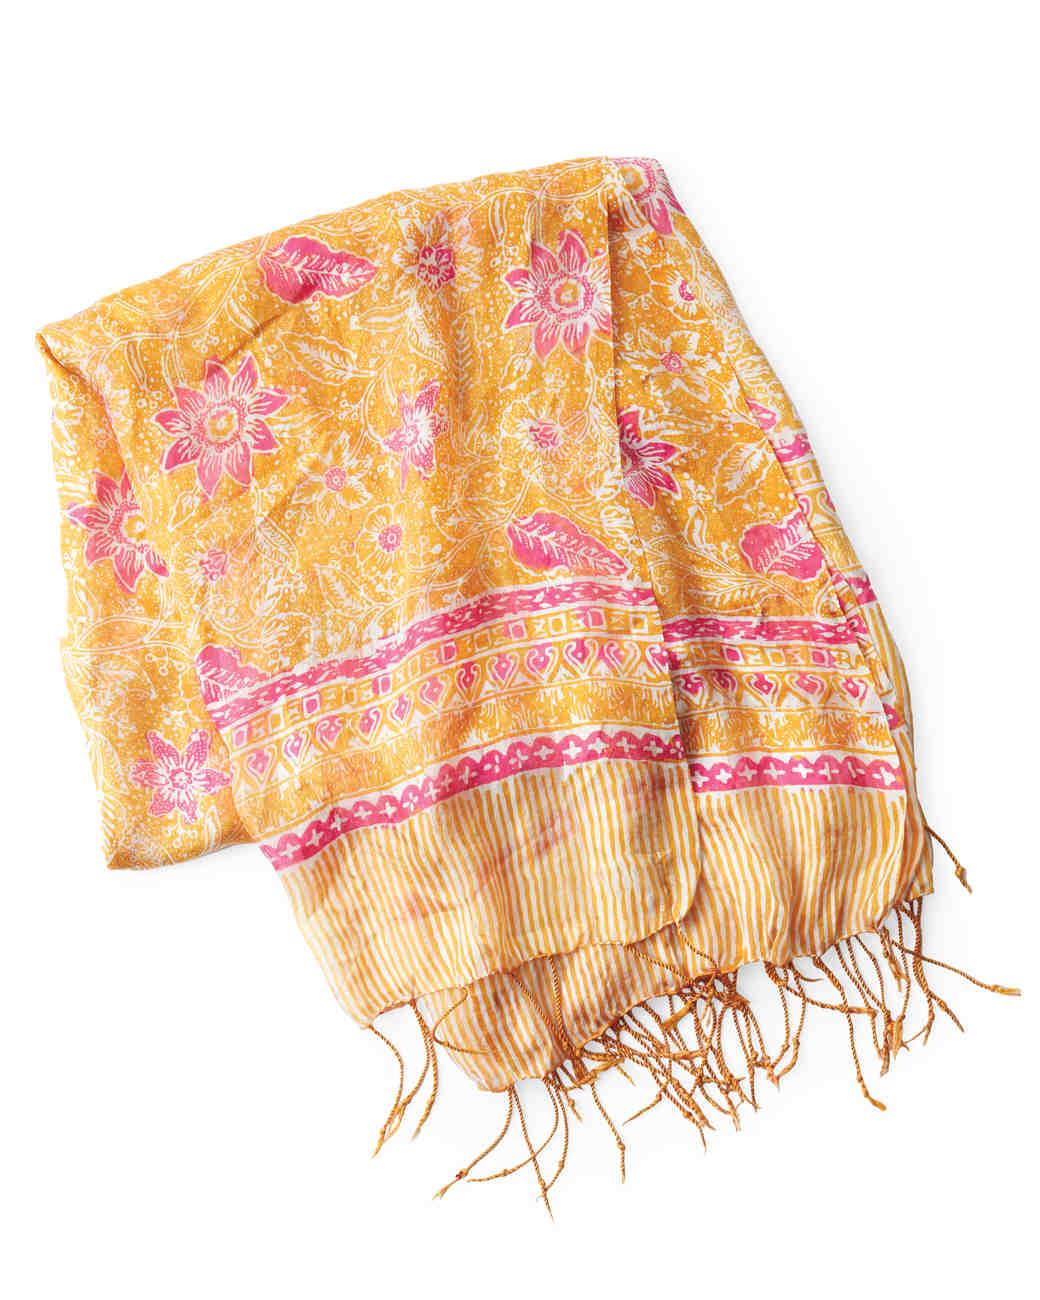 scarf-017-mwd109876.jpg